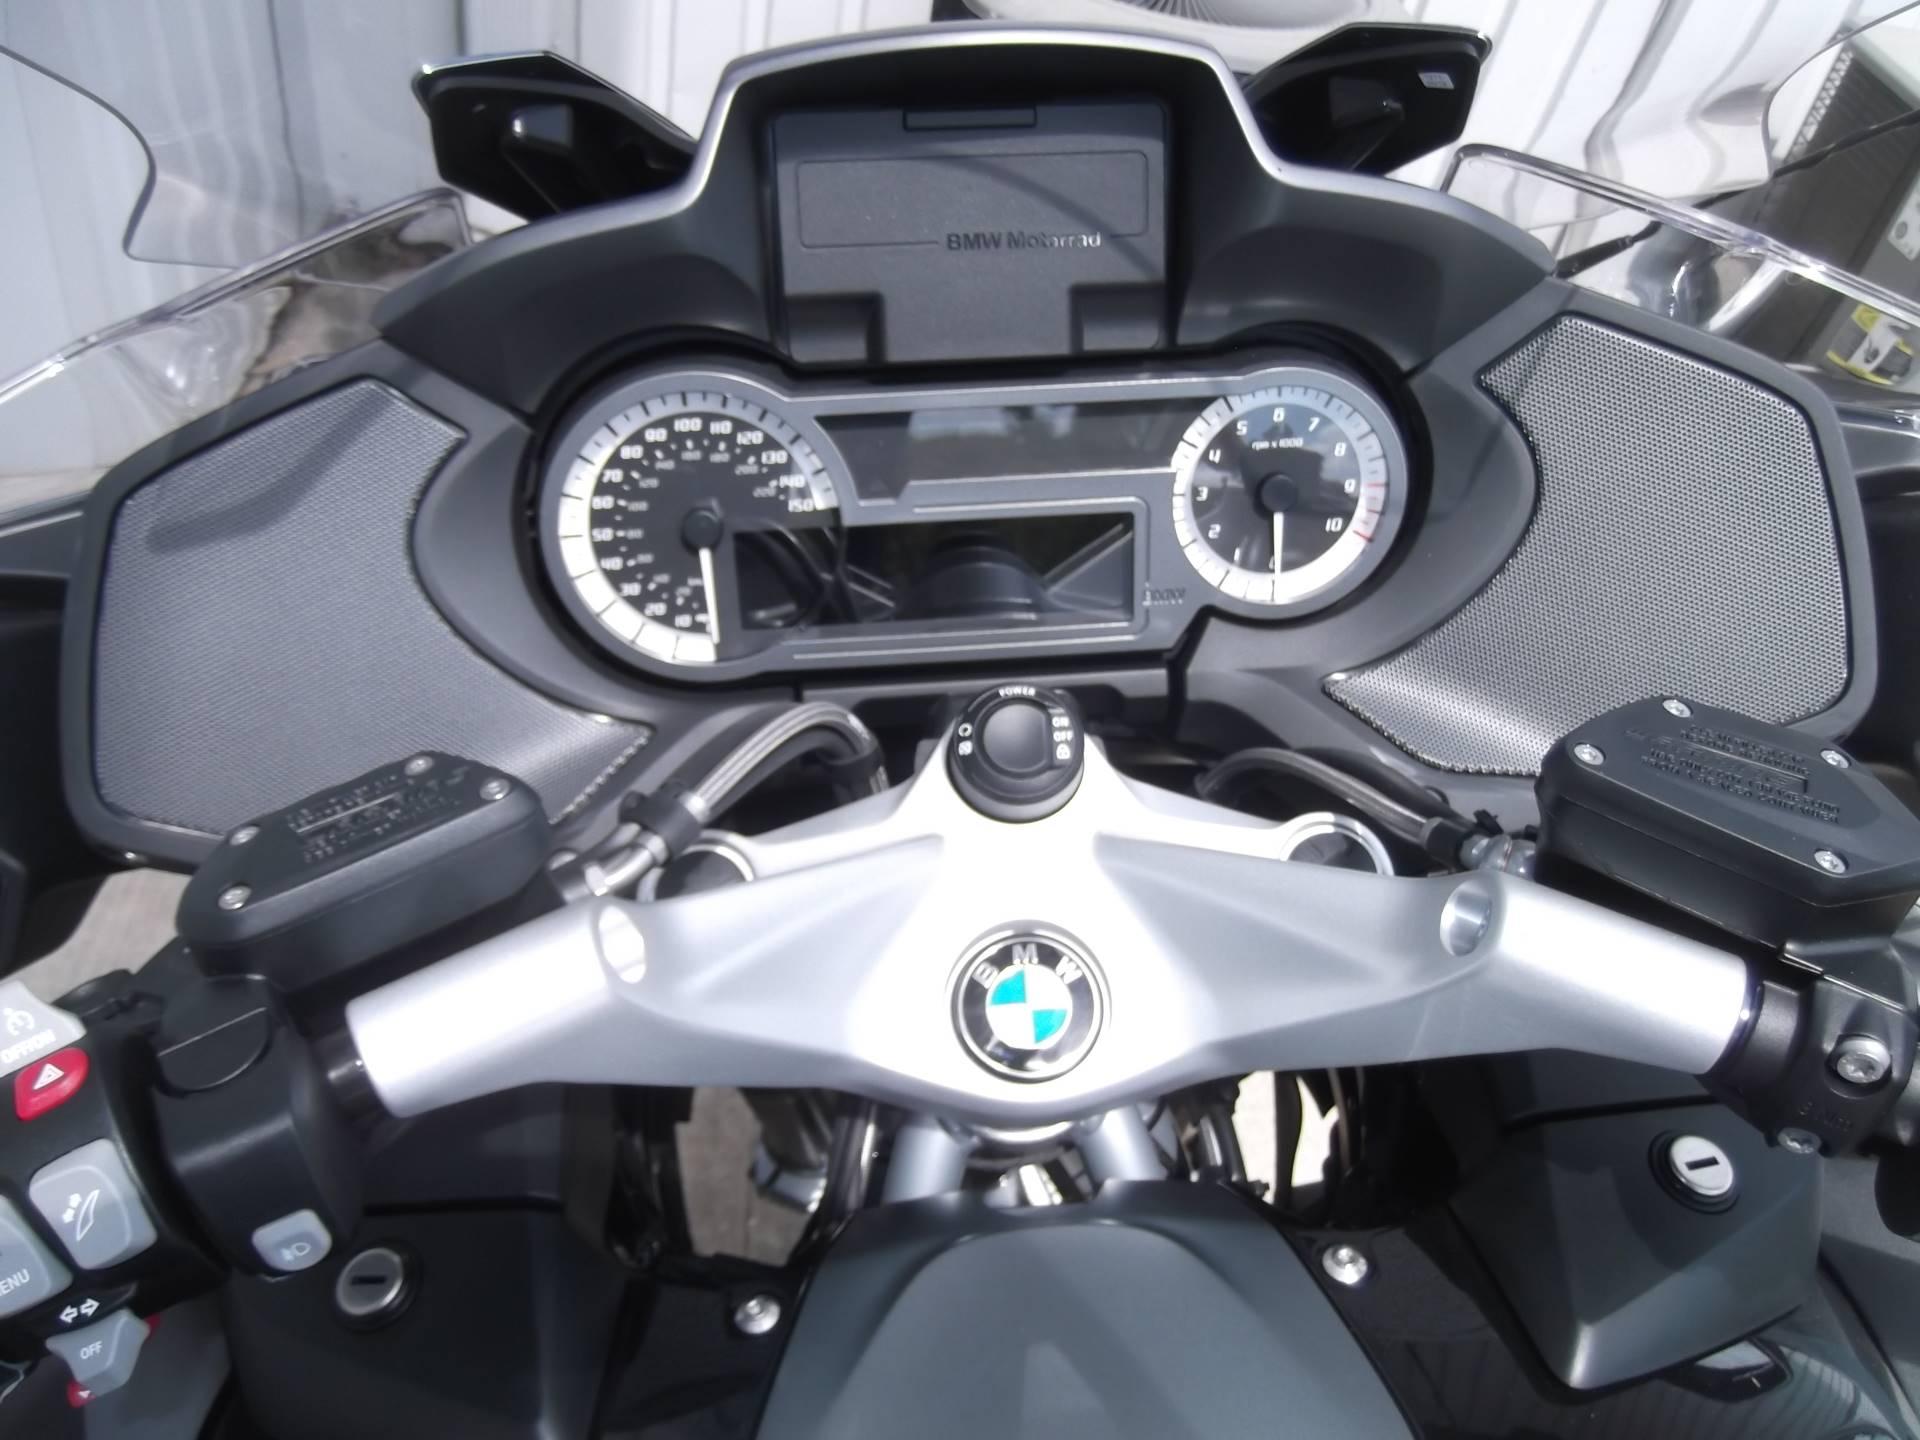 2019 BMW R 1250 RT in Boerne, Texas